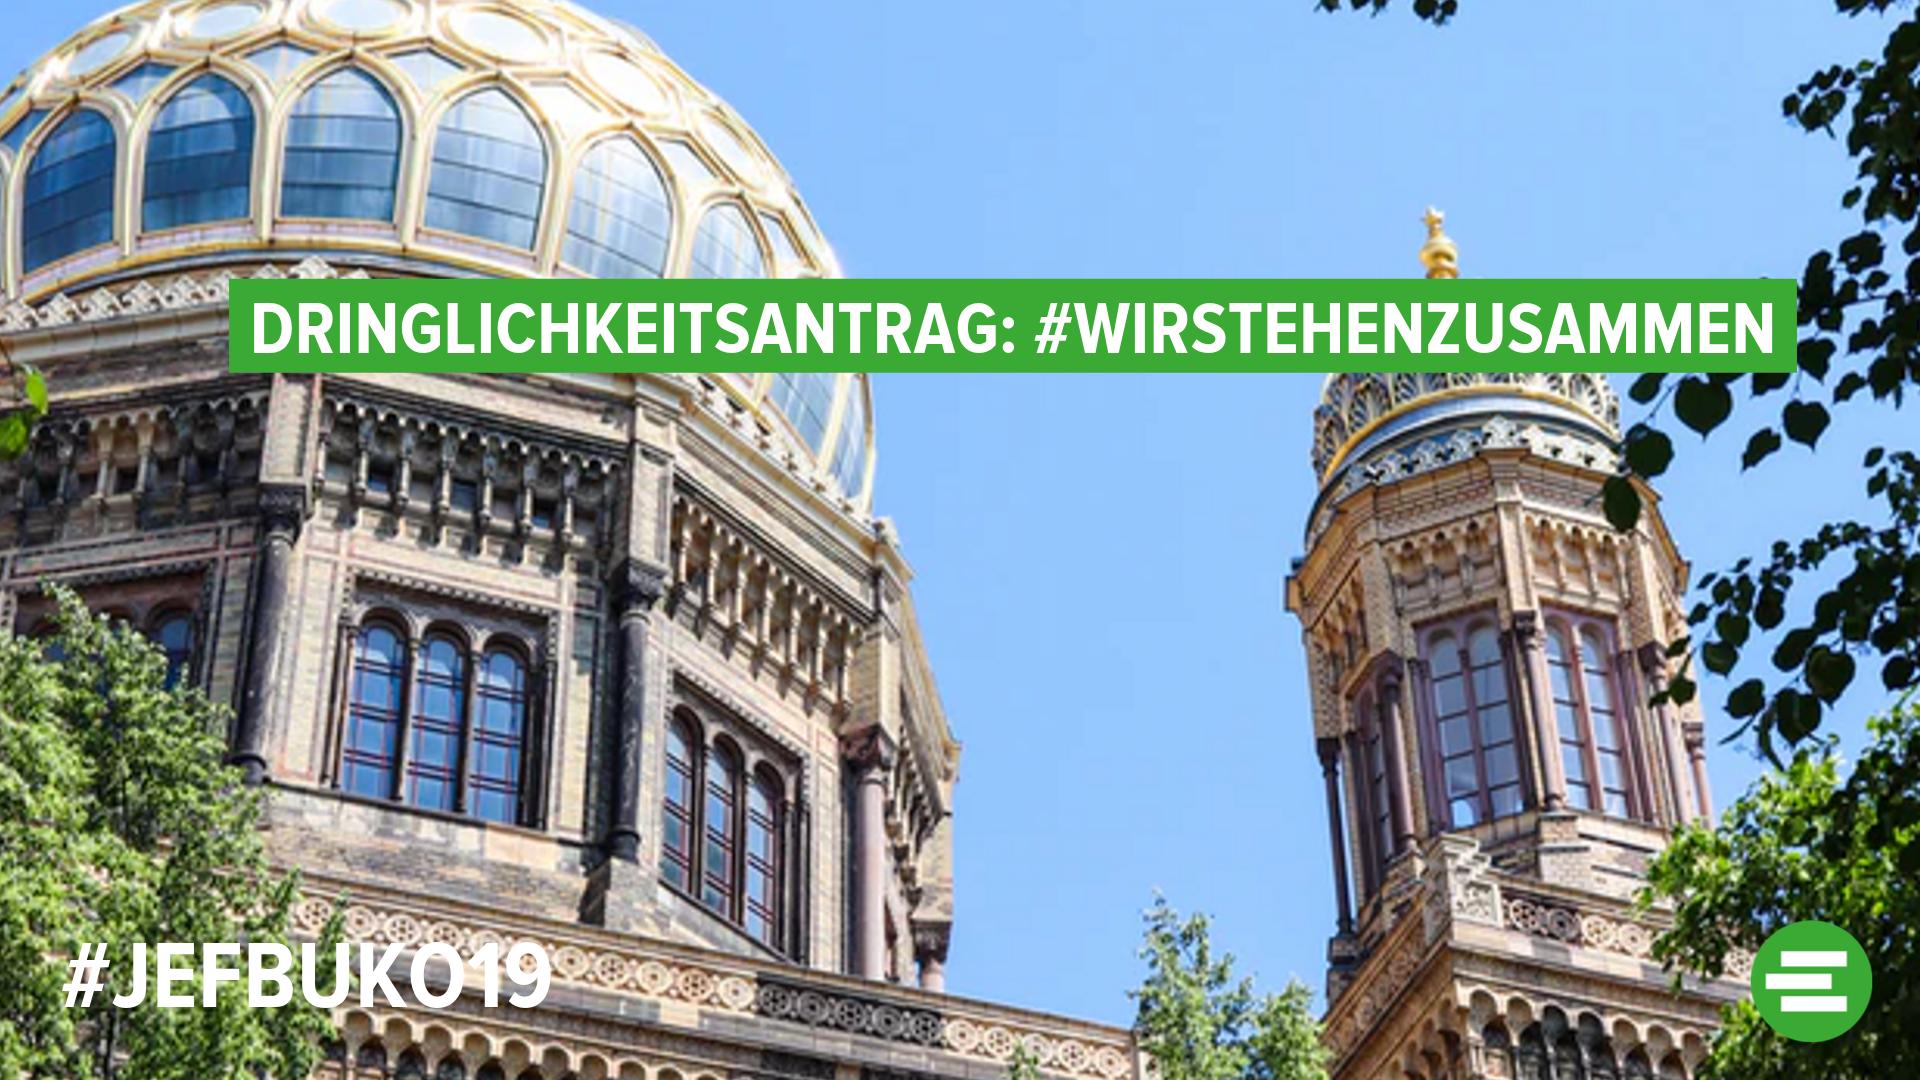 #WirStehenZusammen – Verurteilung der rechtsextremisitischen, antisemitischen Tat in Halle